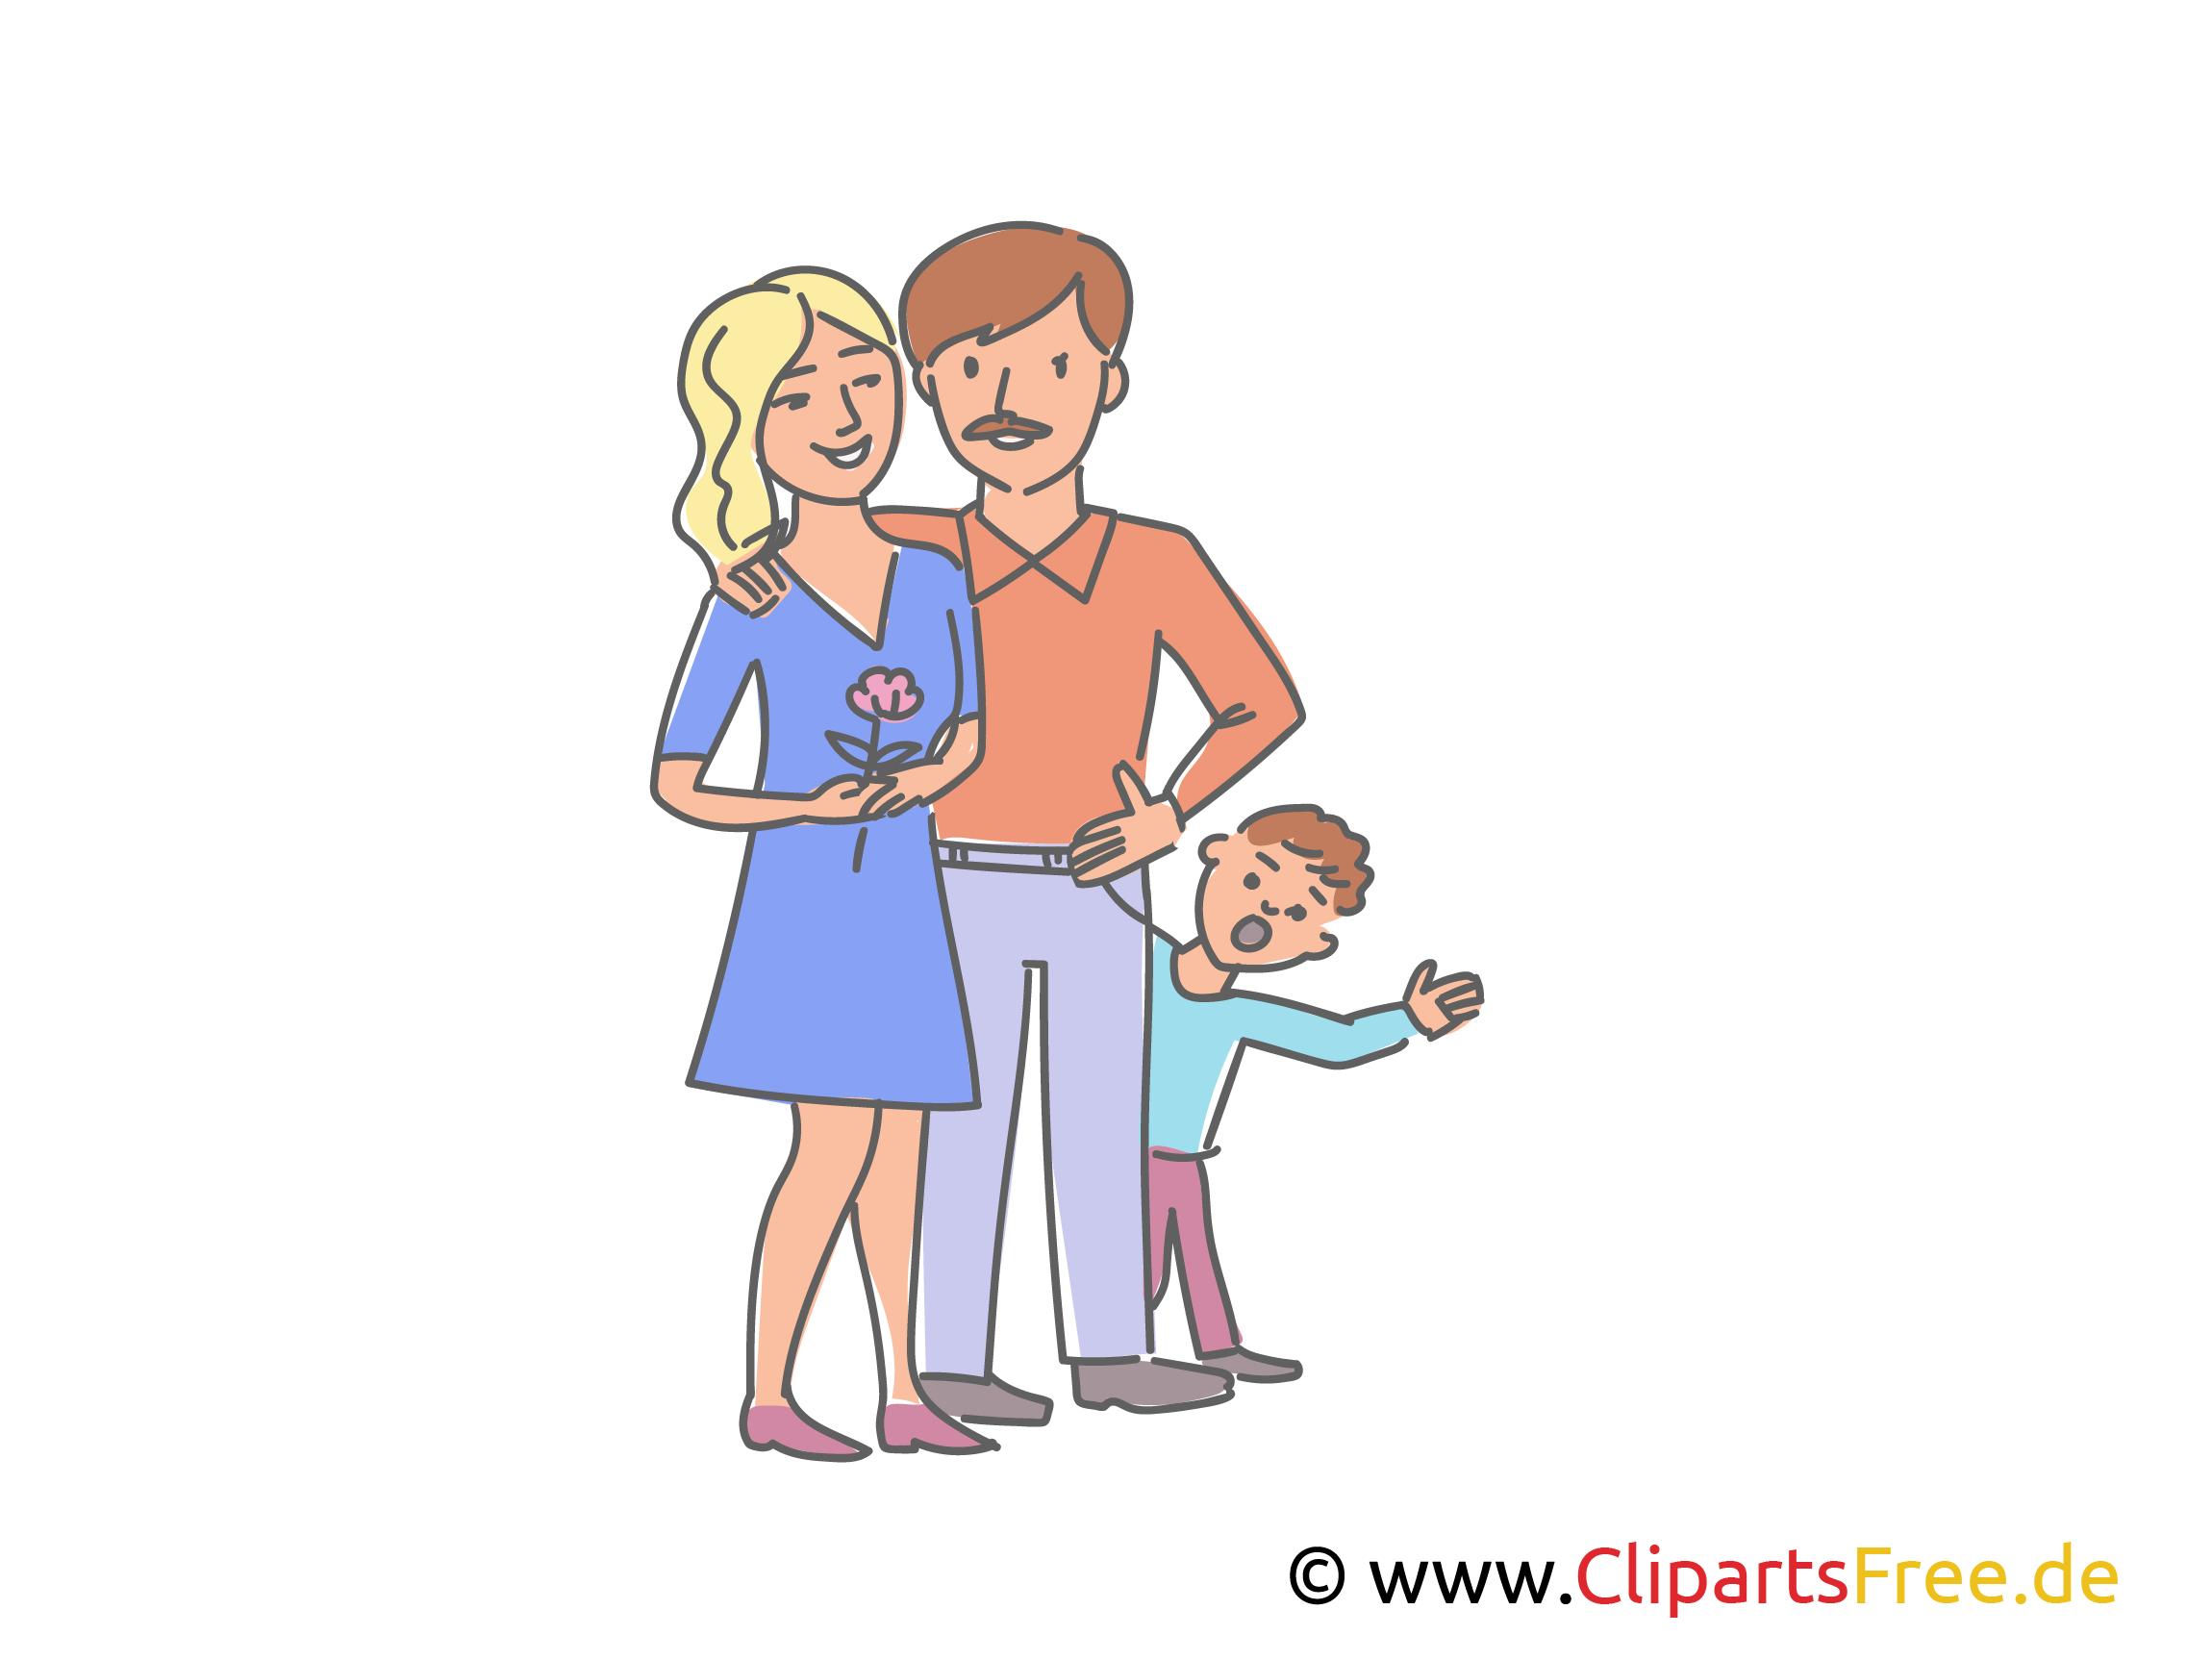 Junge Familie mit Kind Clipart, Illustration, Bild